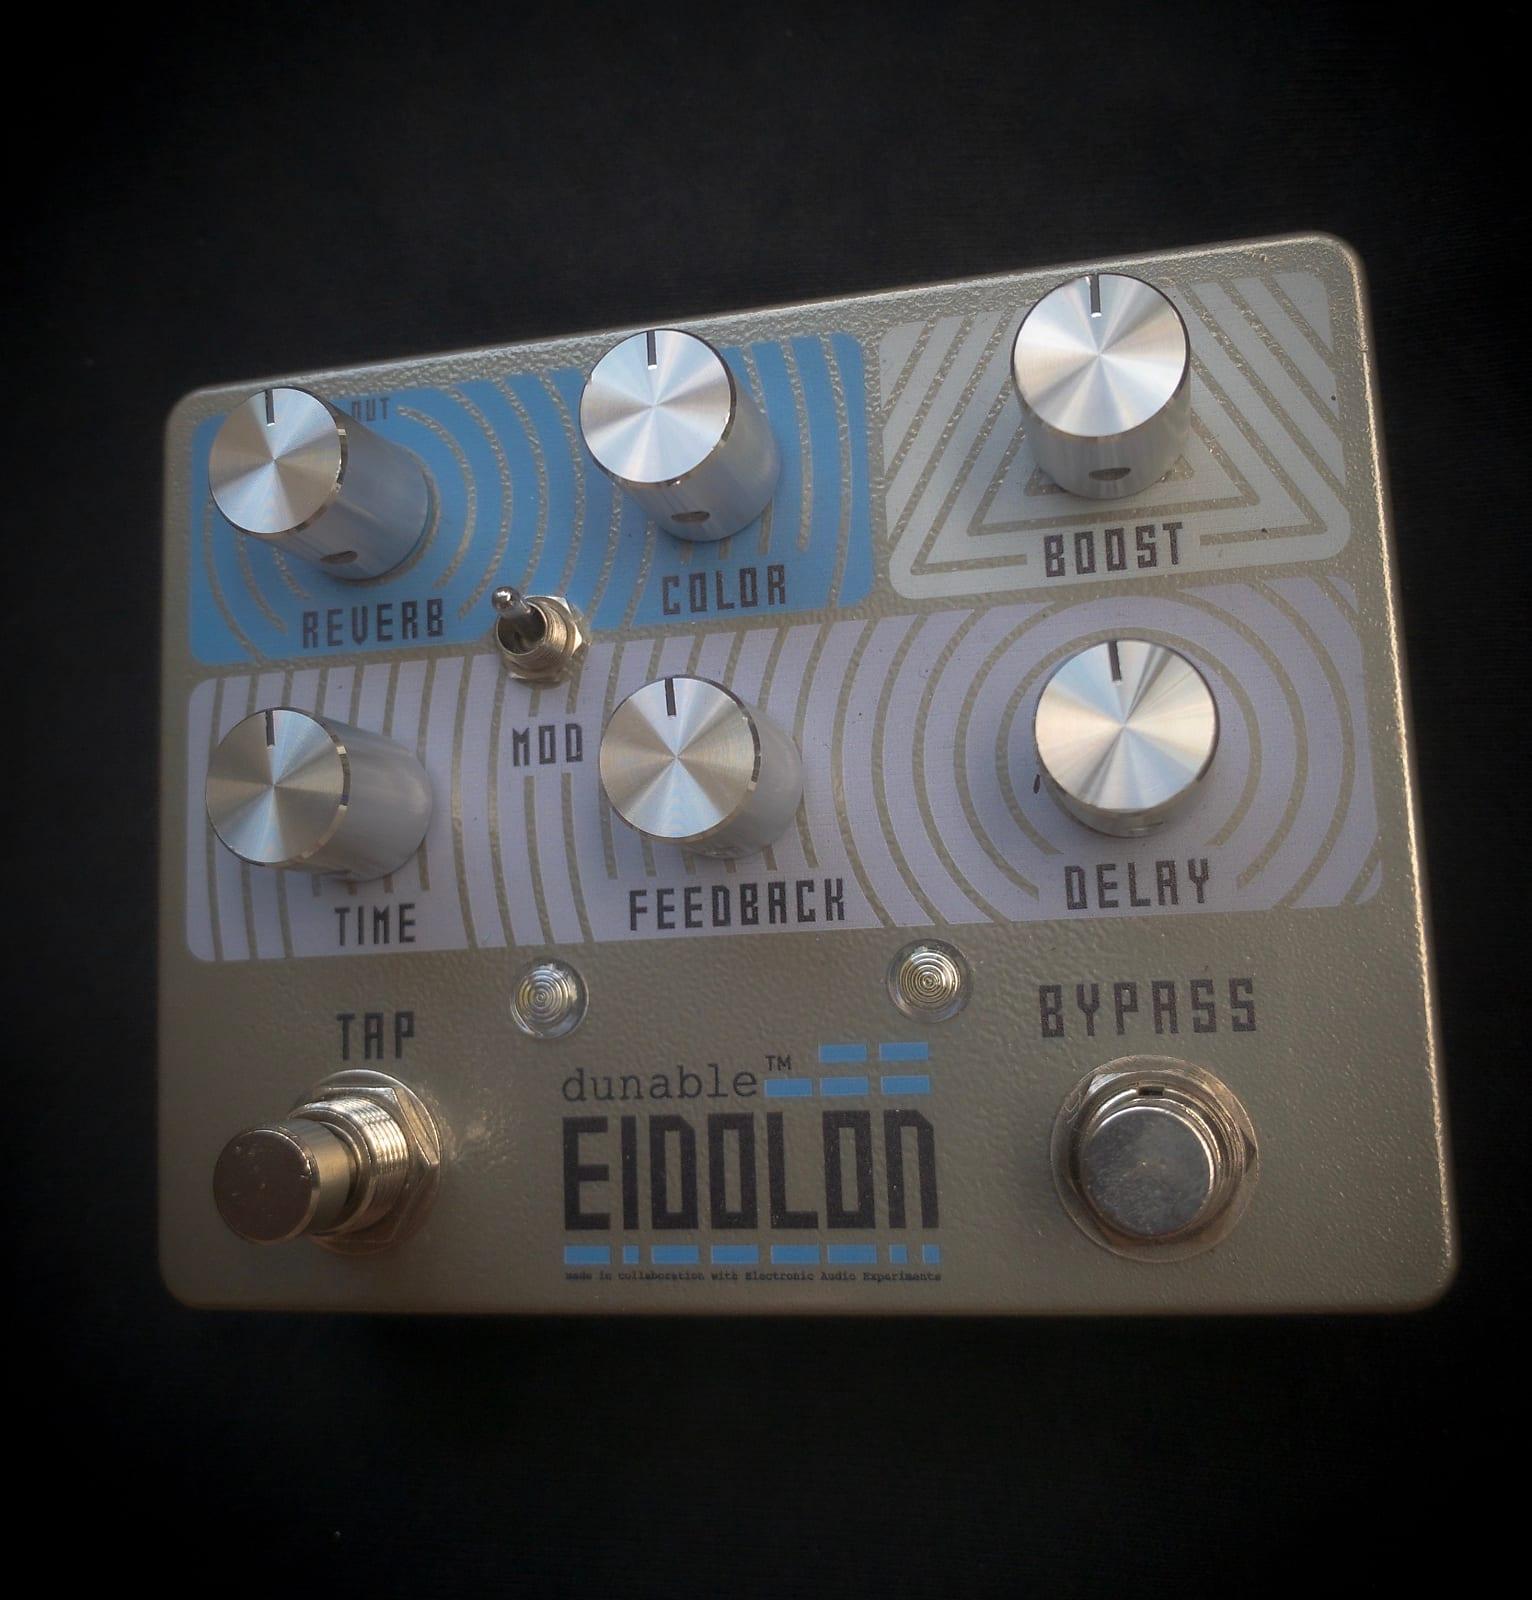 Dunable Eidolon 2019 silver